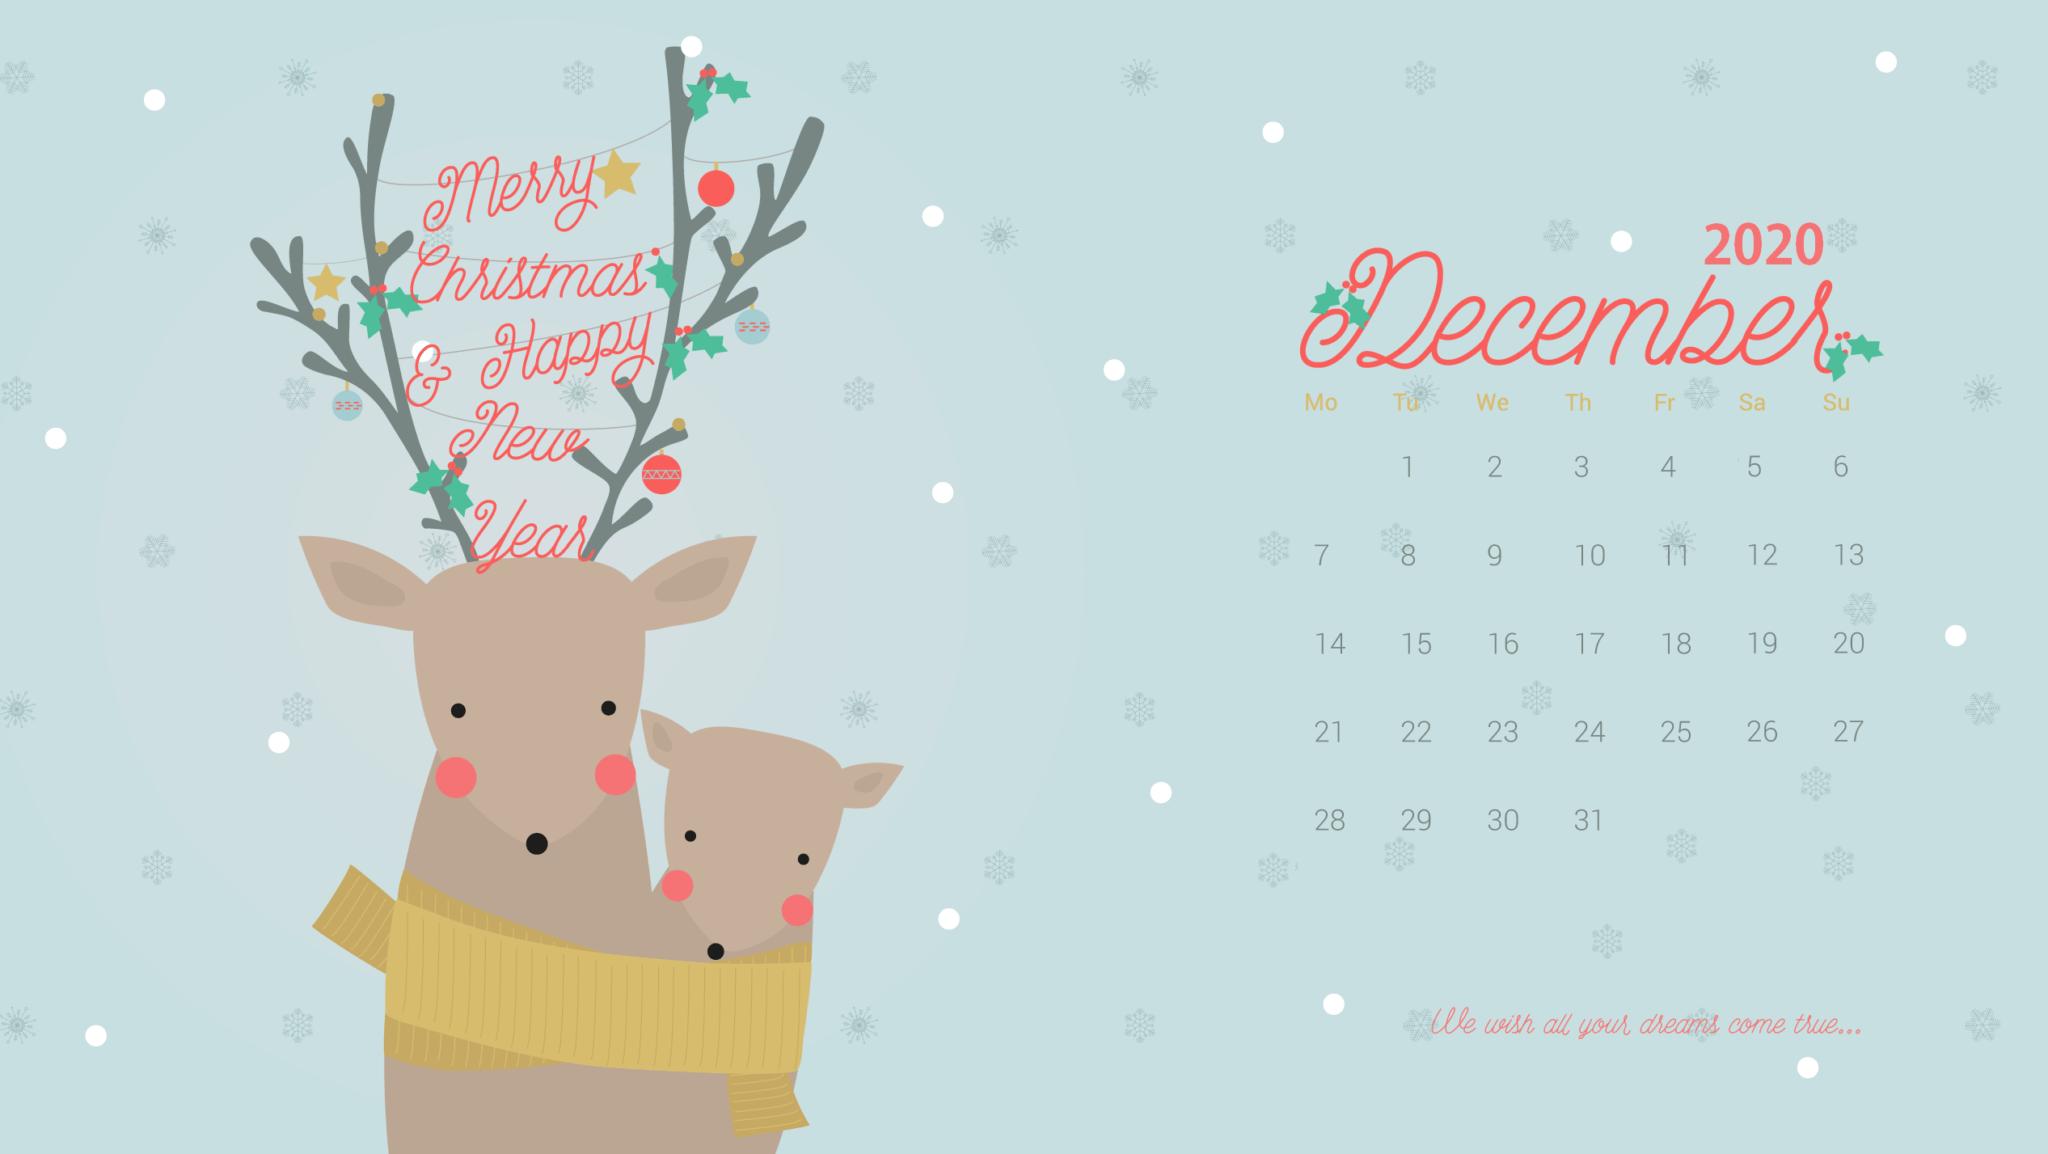 December 2020 Calendar Desktop Wallpaper 2048x1154